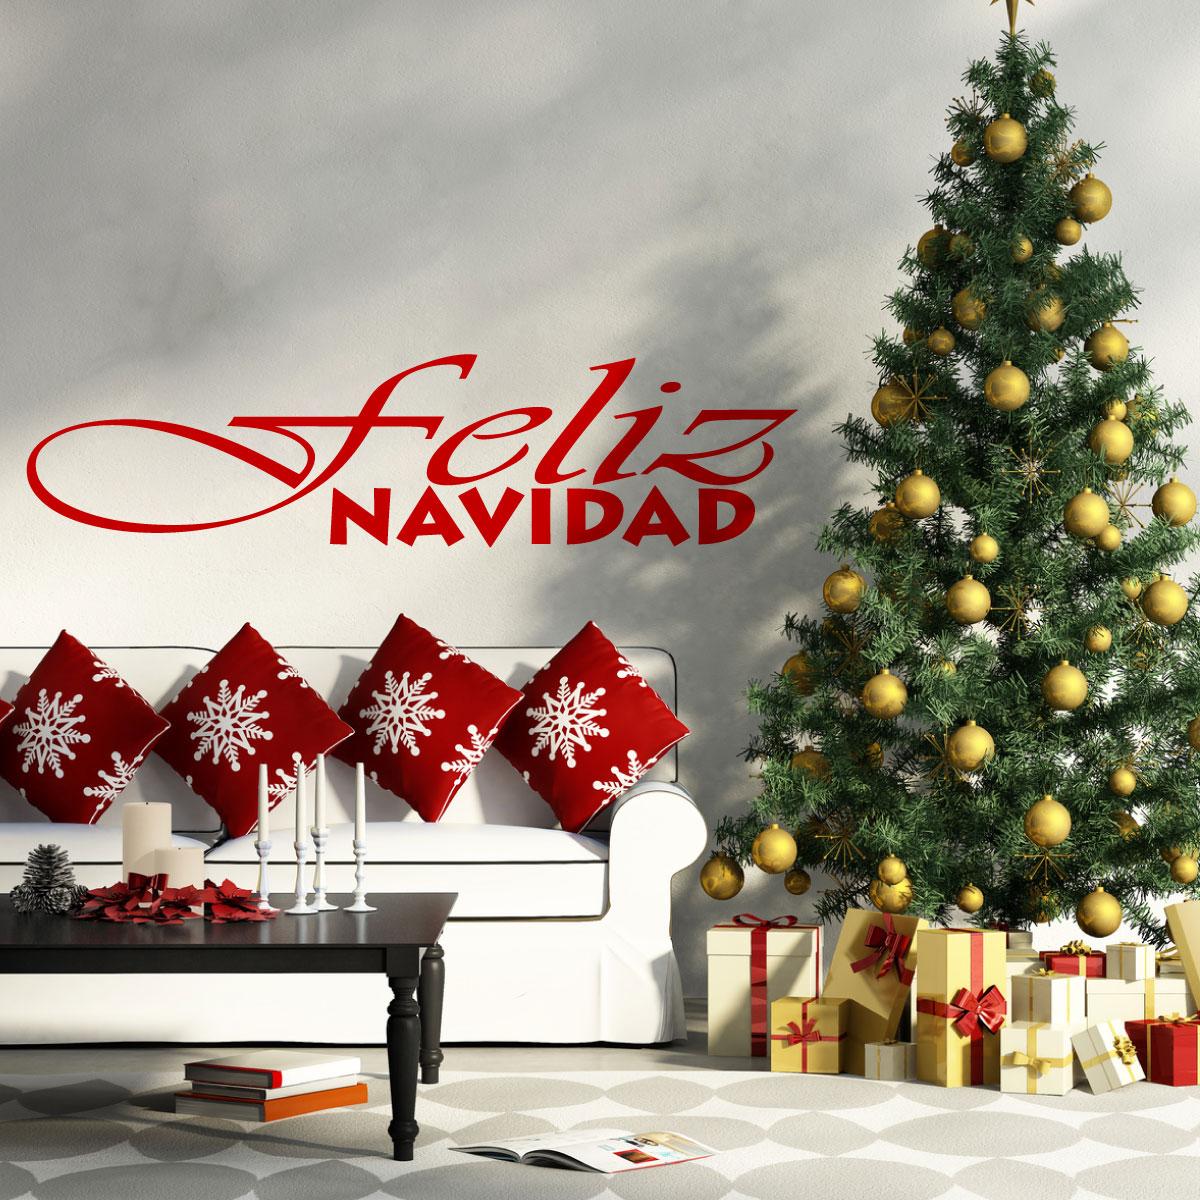 Les Decorations De Noel En Espagnol Recettes Populaires Pour Noel 2019